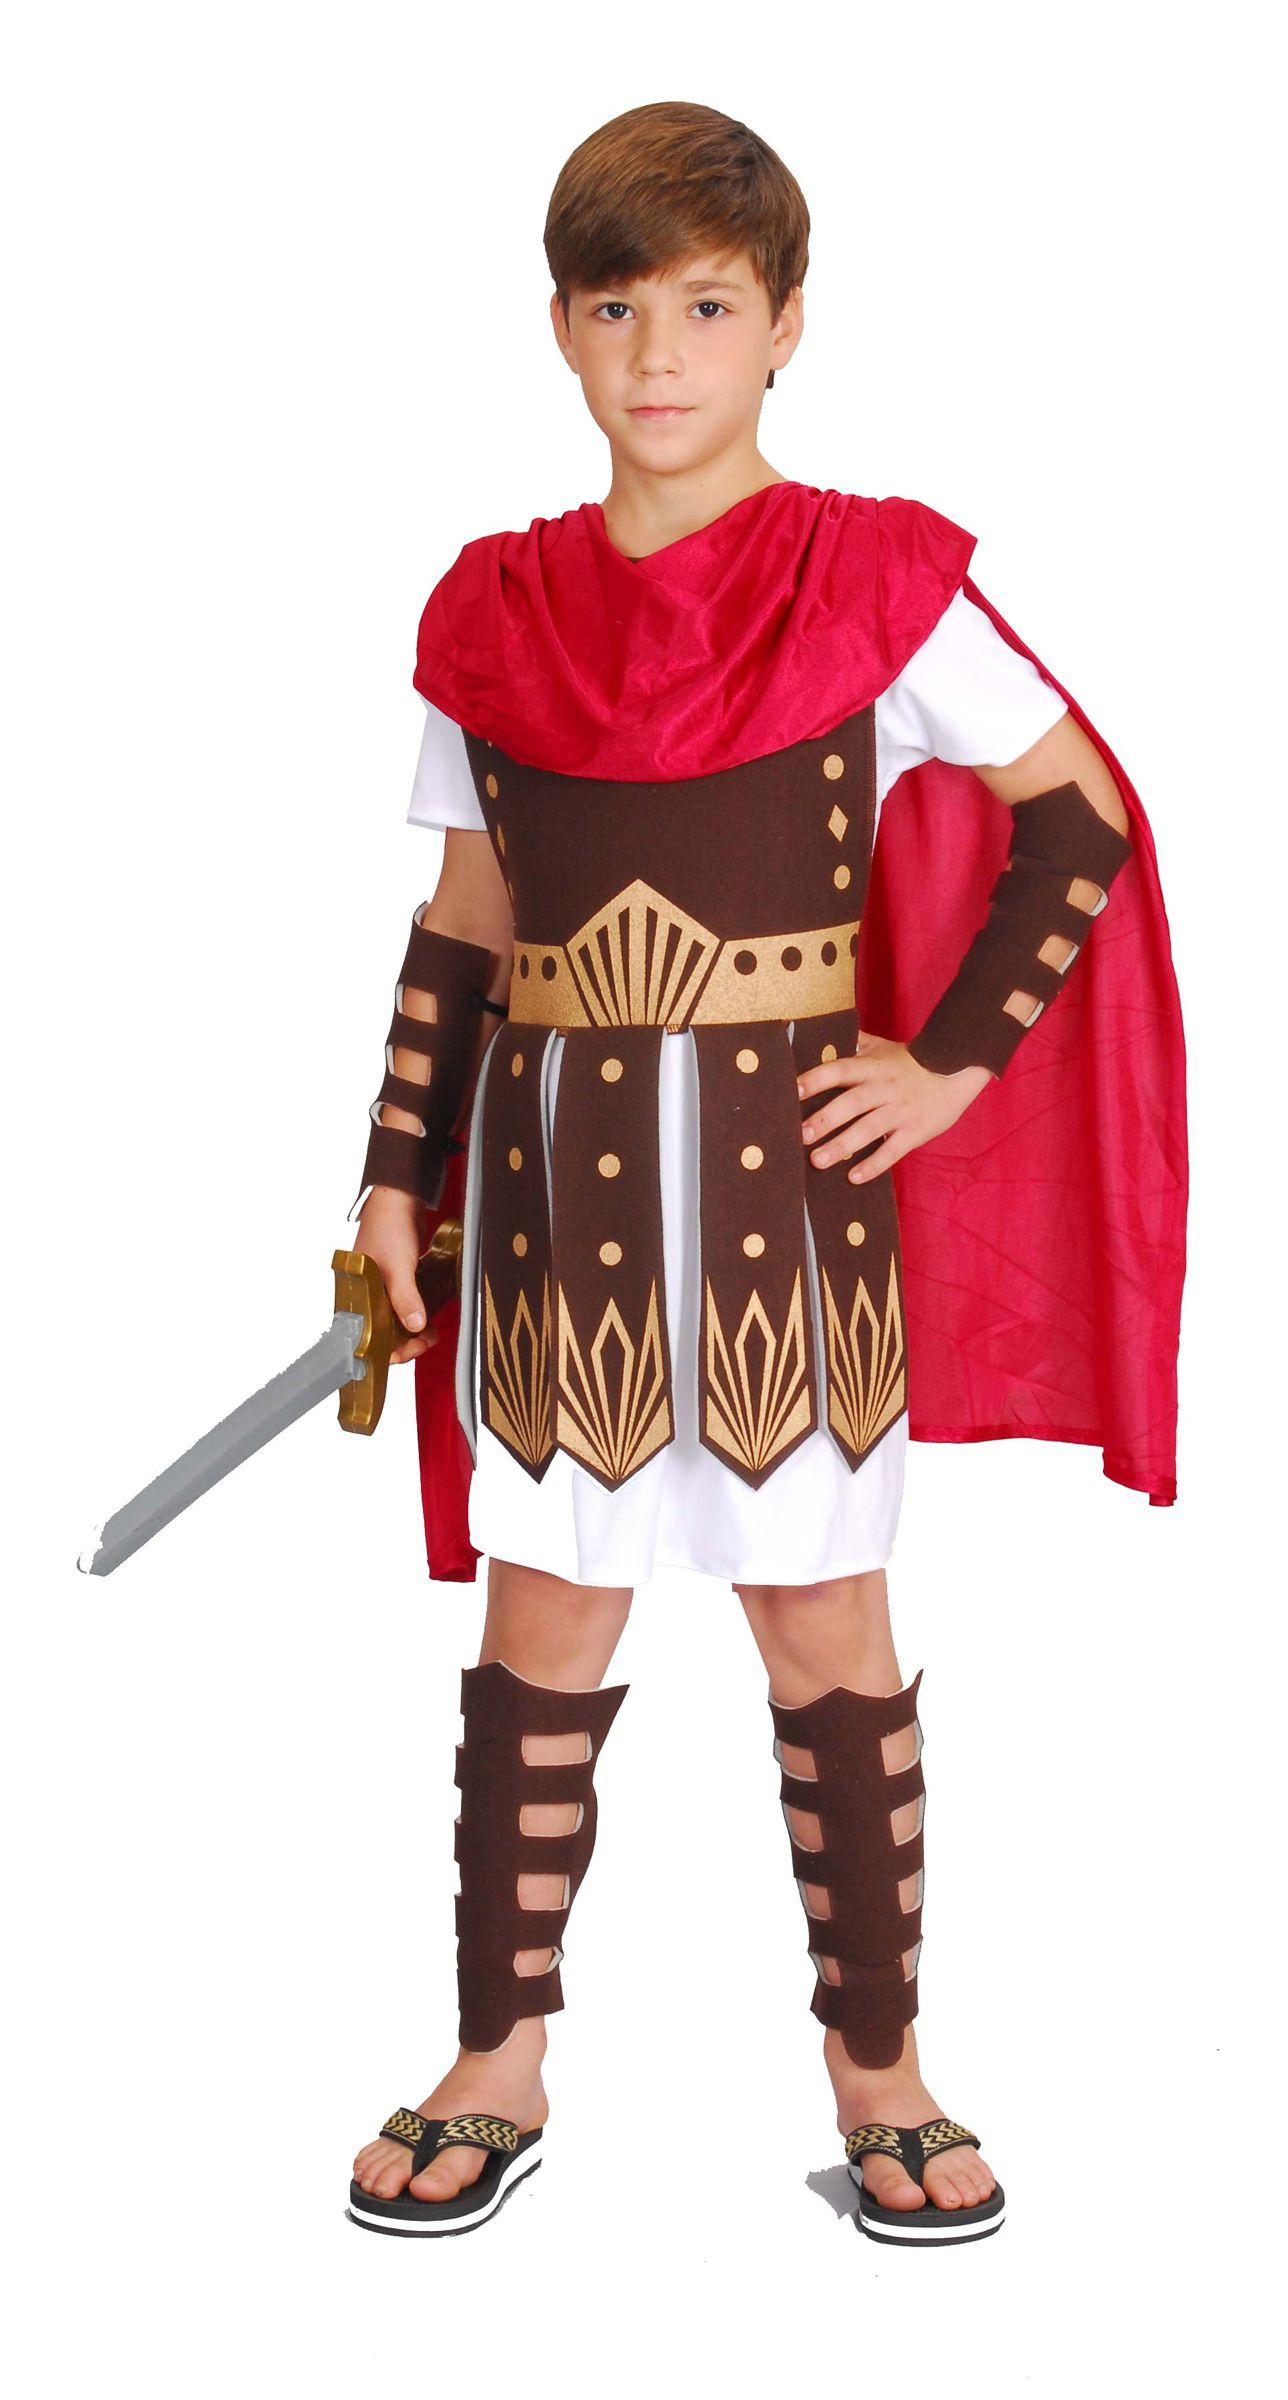 276dd8c03a Costume da centurione romano per bambino: bello, comodo ed economico,  questo abito da antico romano ha tutto quello che ti serve per travestire i  tuoi ...